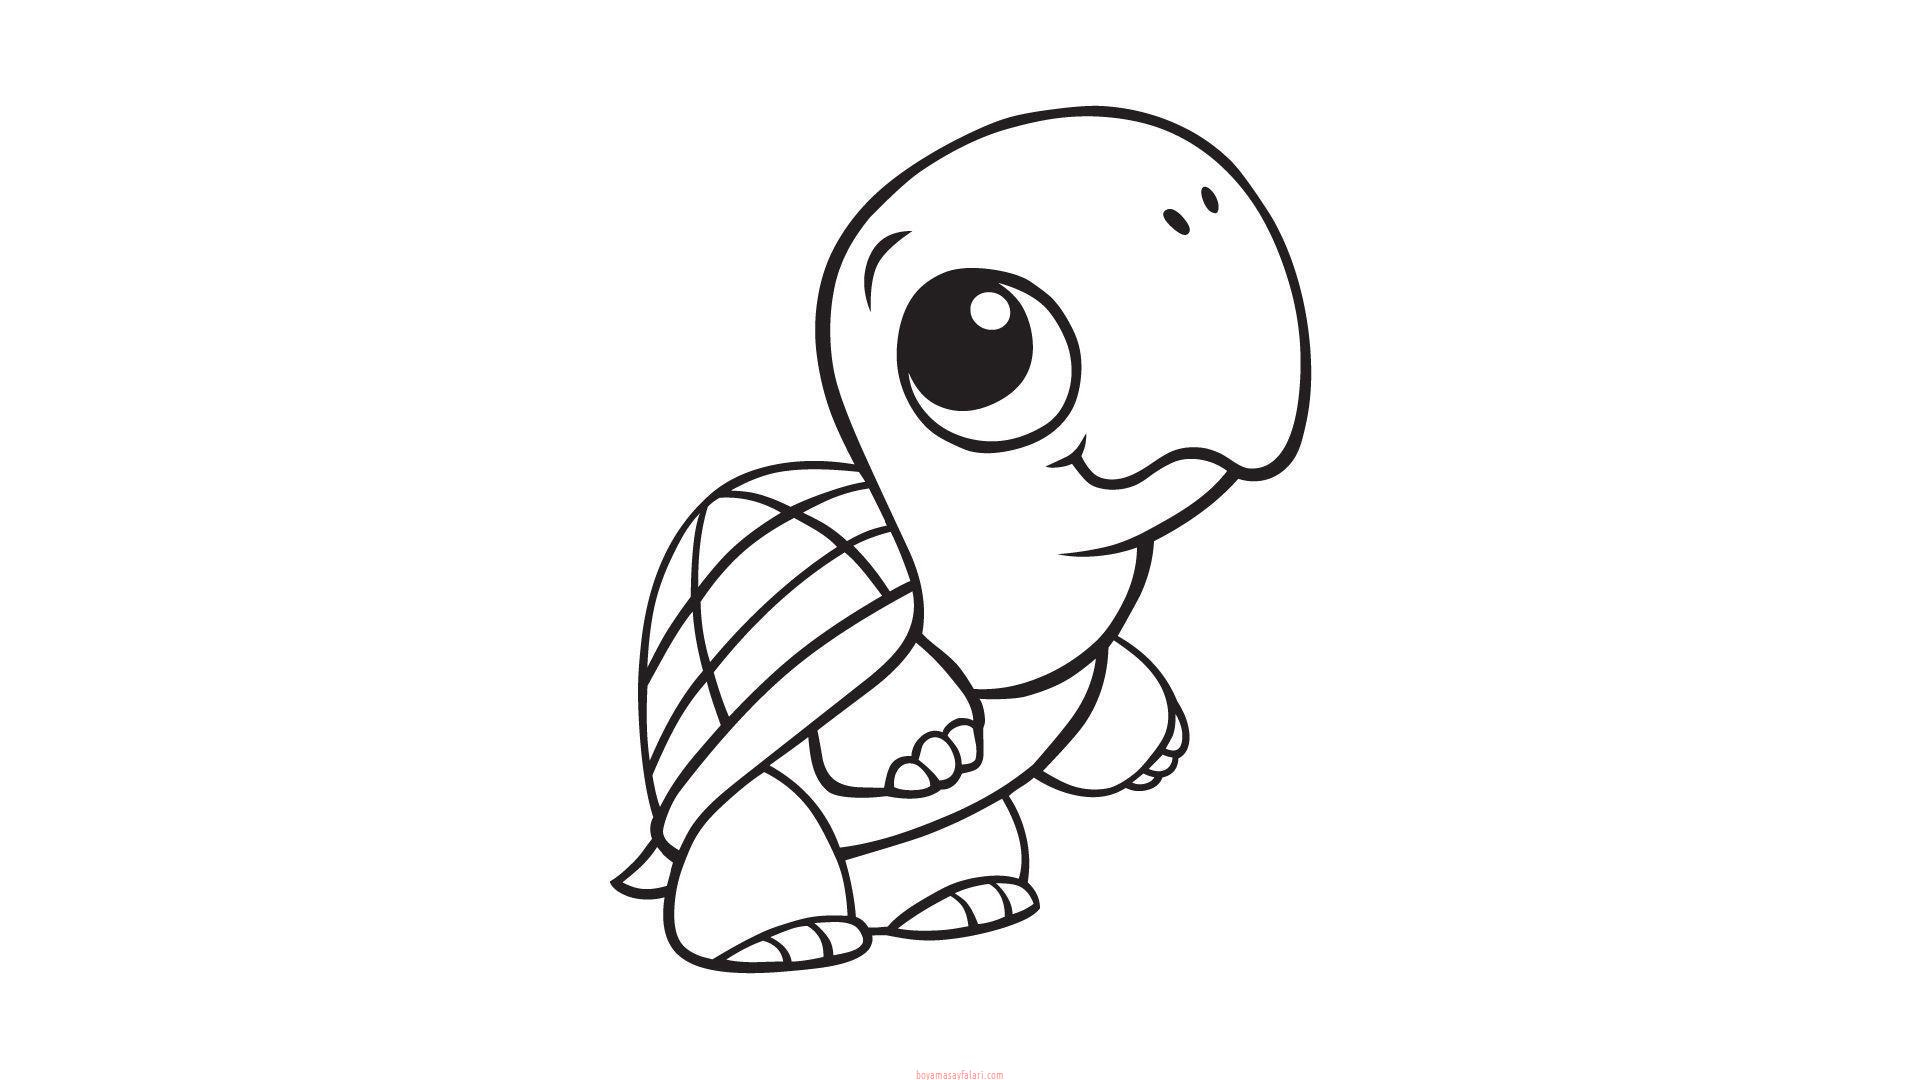 Kaplumbağa Boyama Sayfaları 3 Sınıf öğretmenleri Için ücretsiz